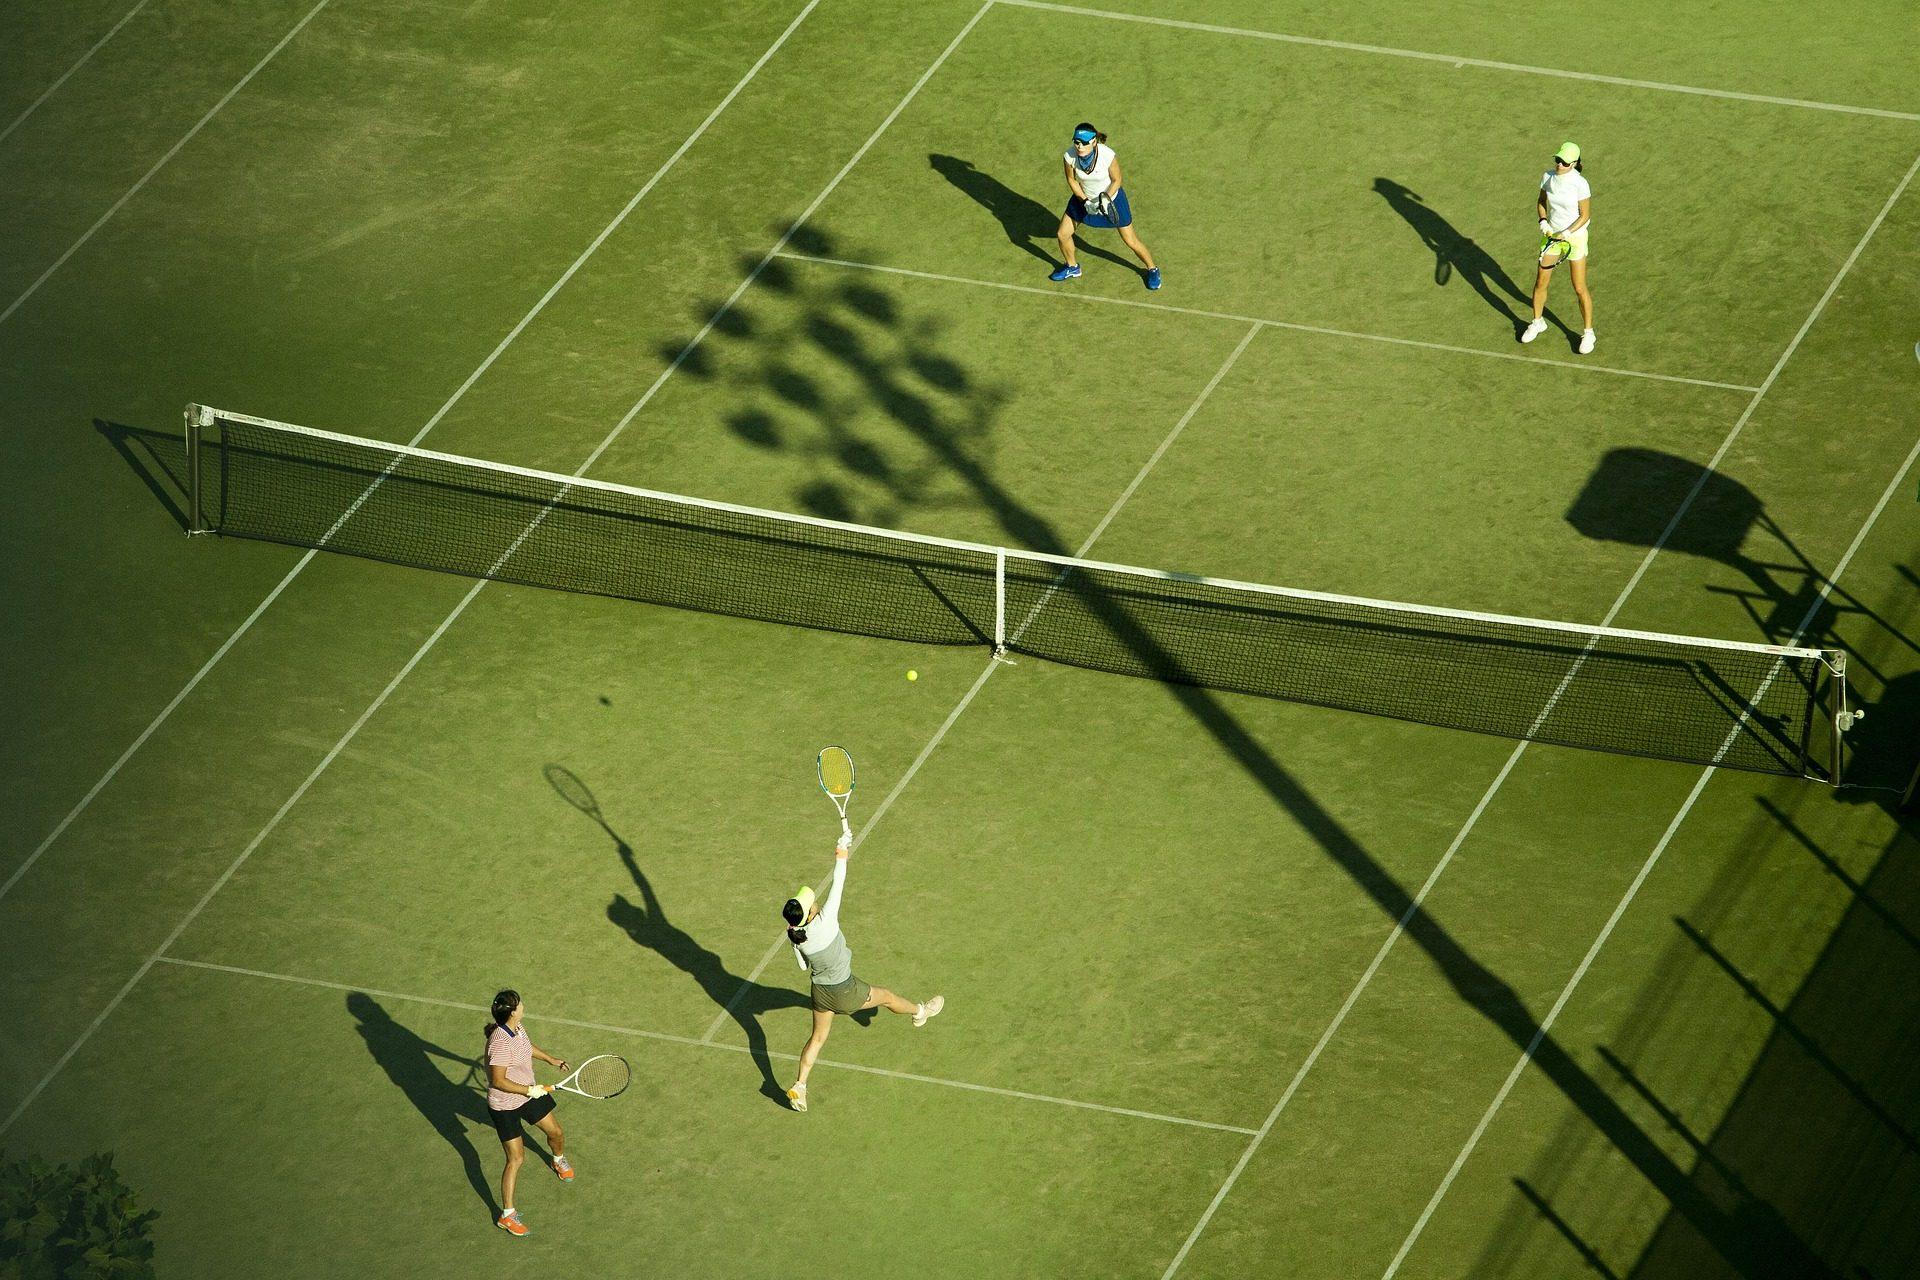 tenis, partido, campo, parejas, campeonato - Fondos de Pantalla HD - professor-falken.com